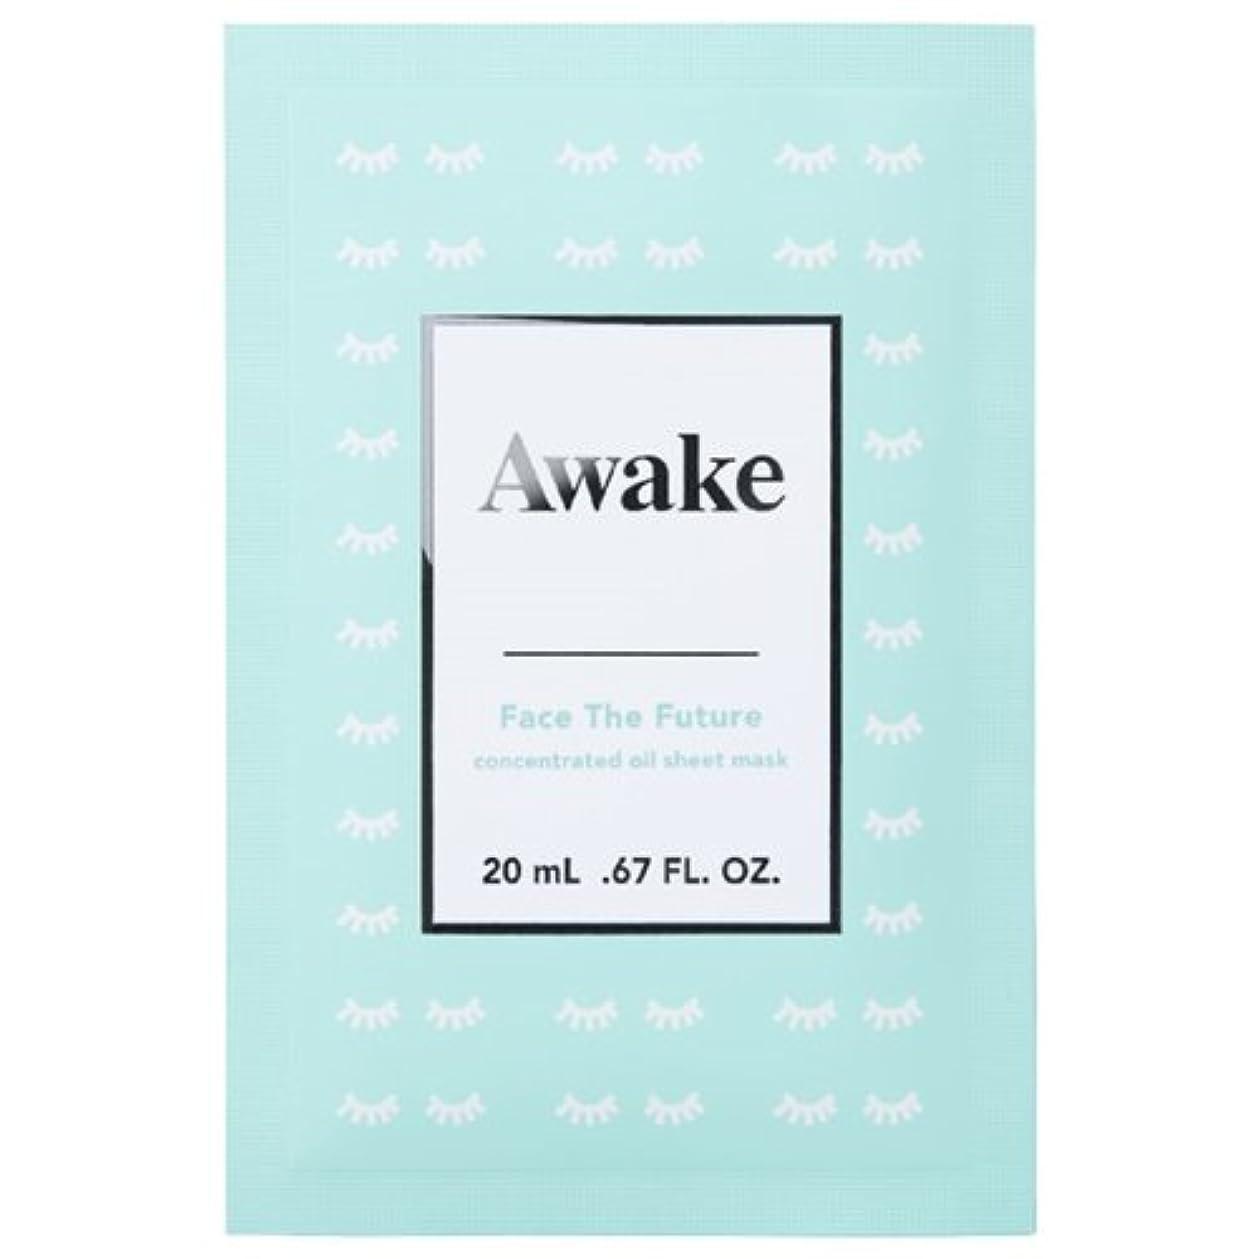 スリラー偽造建設アウェイク(AWAKE) Awake(アウェイク) フェイスザフューチャー コンセントレイティッド オイルシートマスク (20mL × 6枚入)